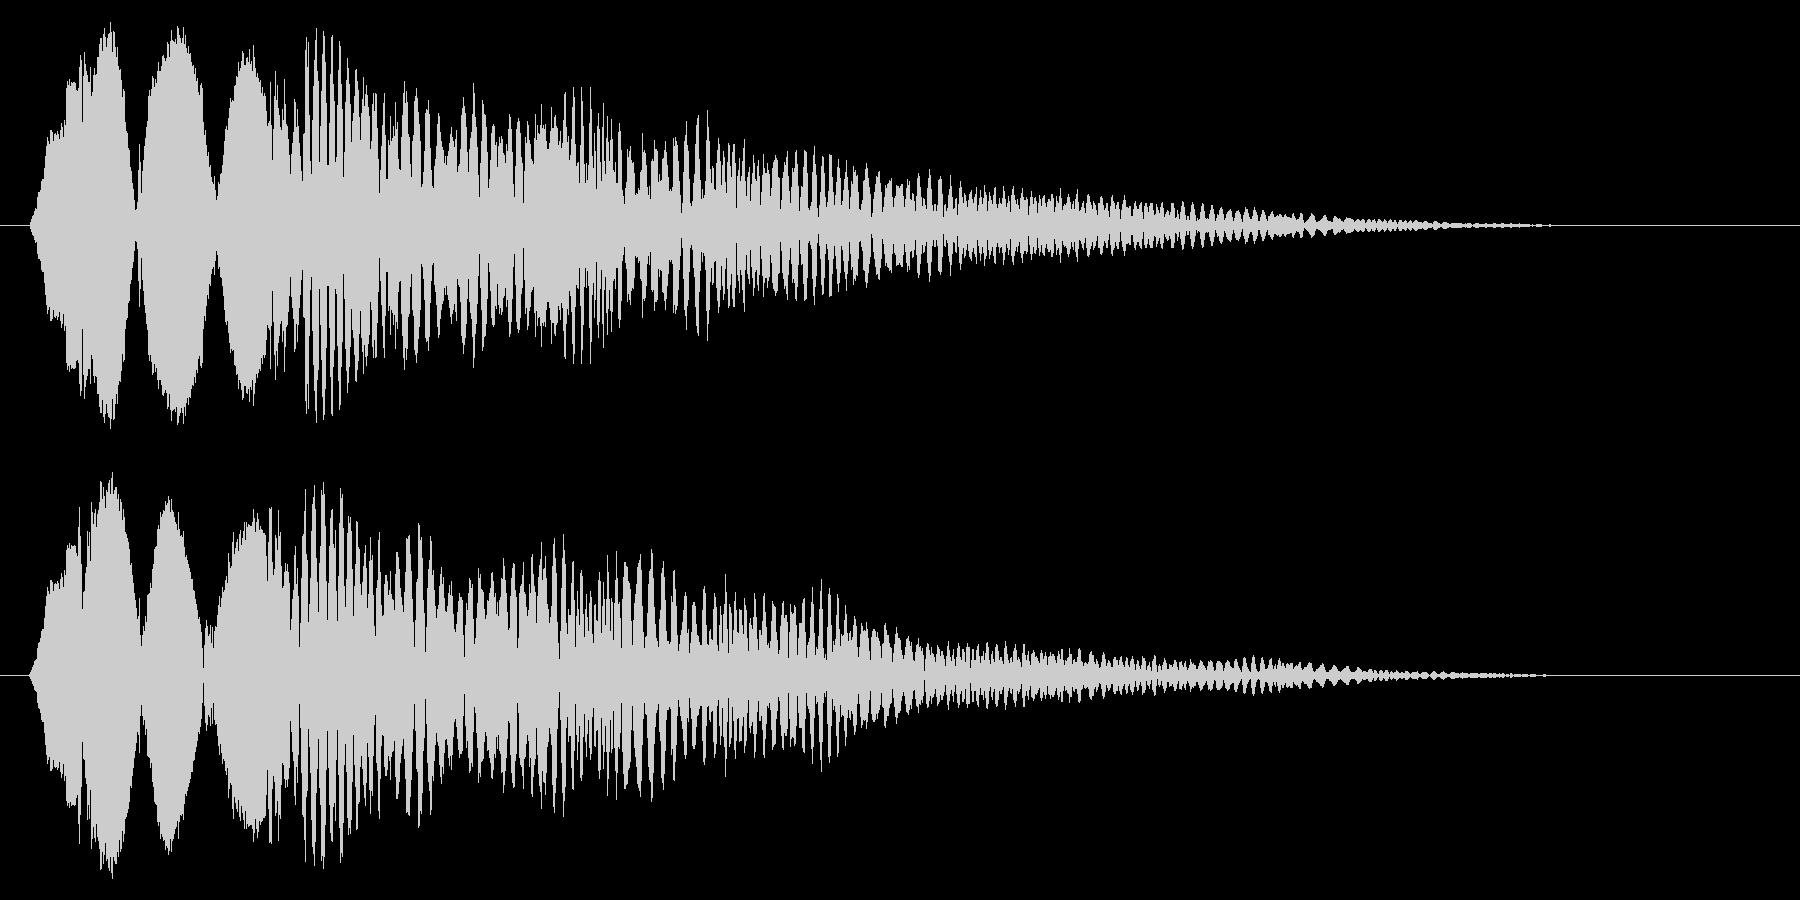 ピリョ〜ン(軽快な動きを表現する効果音)の未再生の波形